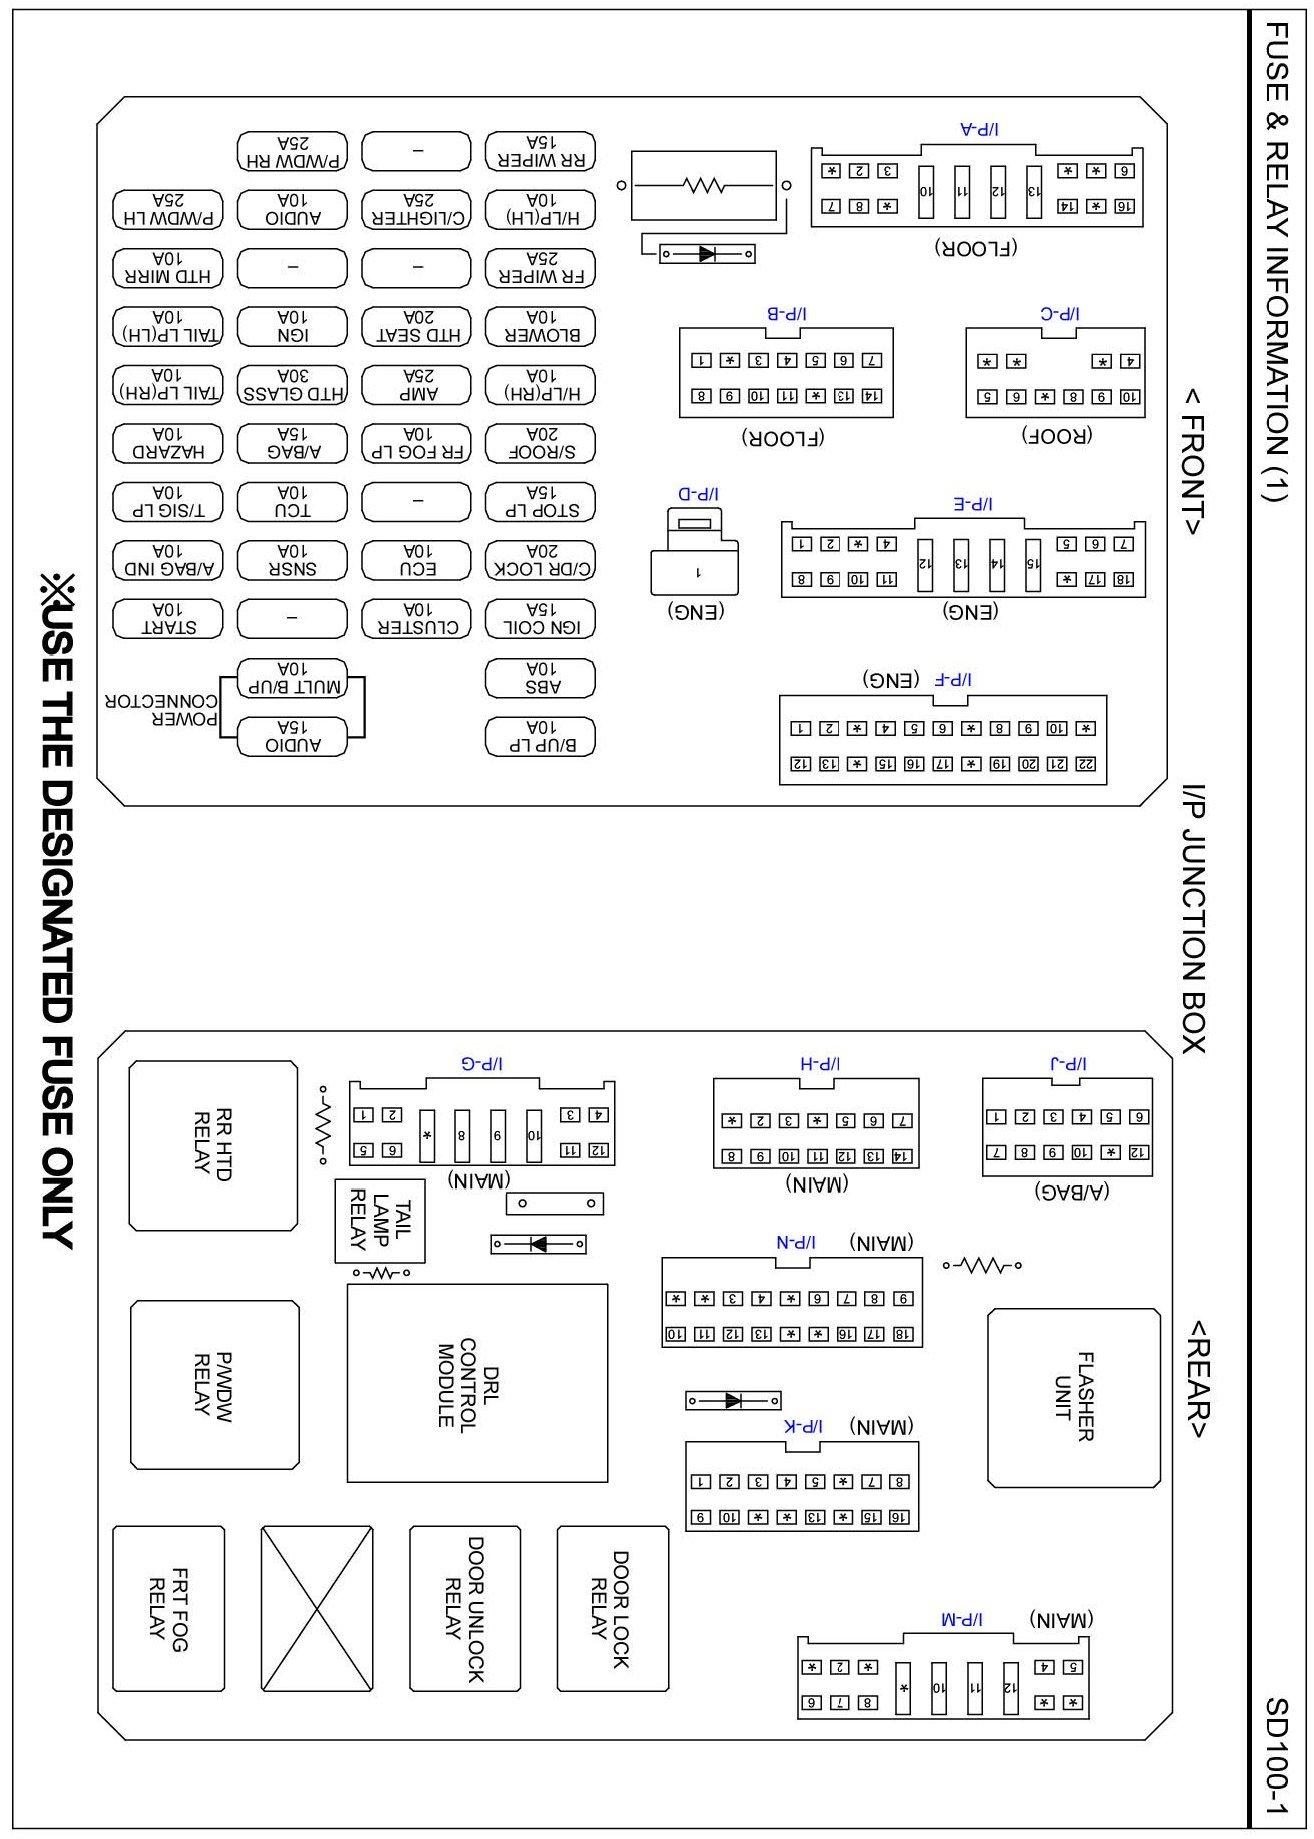 Bx 6205 Diagram Furthermore 2004 Kia Sedona Fuse Box Location On 2004 Kia Rio